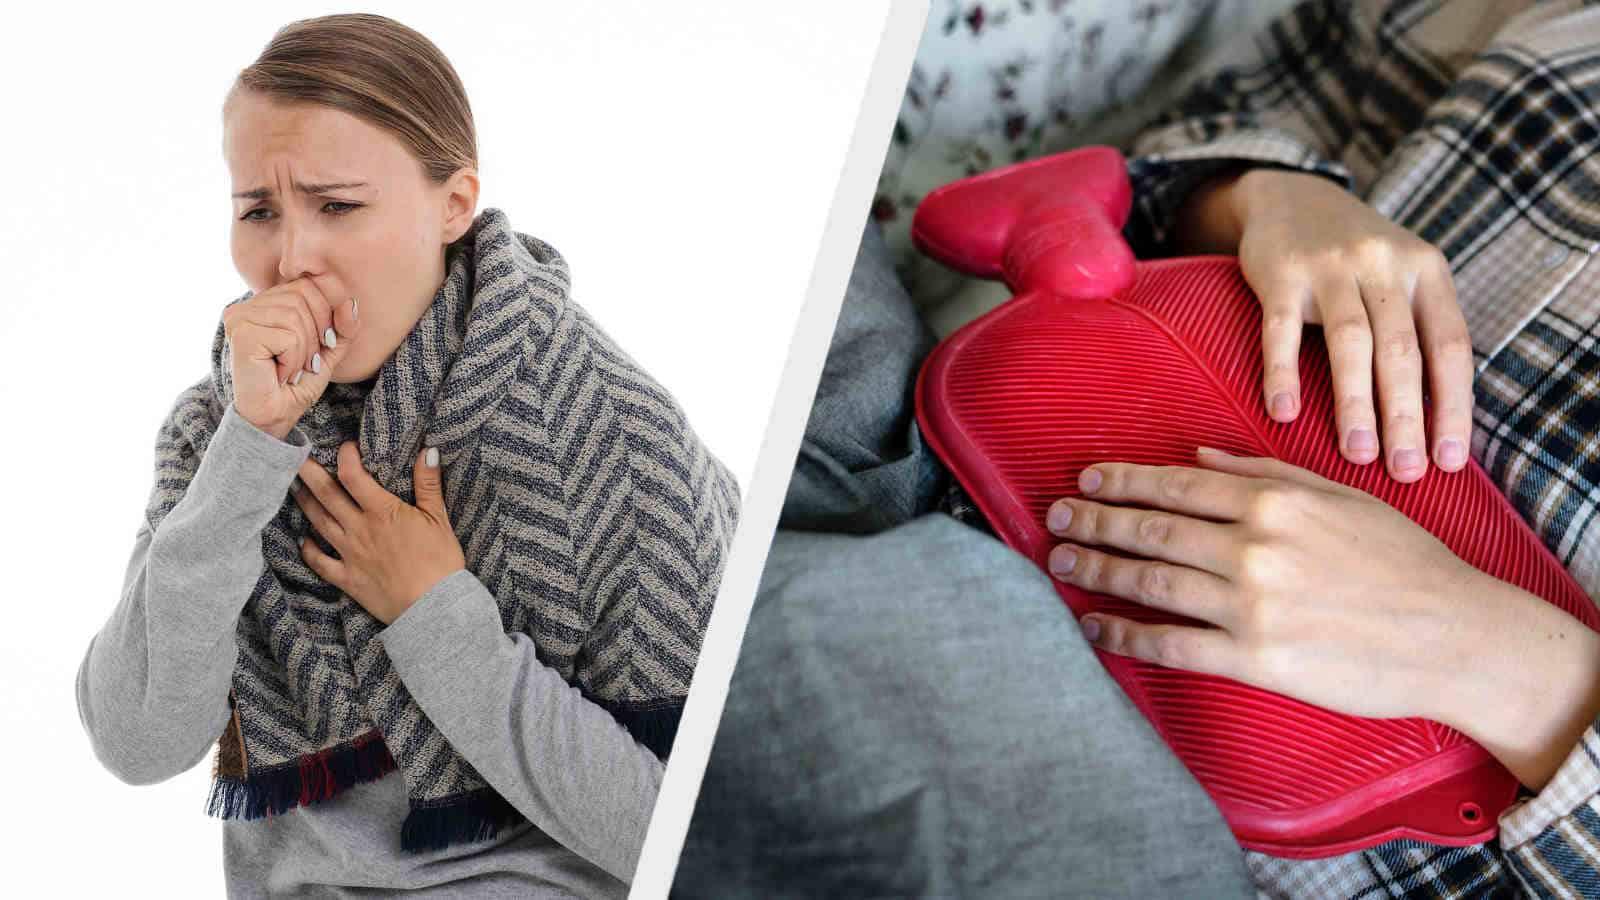 Husten- Ursachen, Behandlung und was hilft gegen Husten?